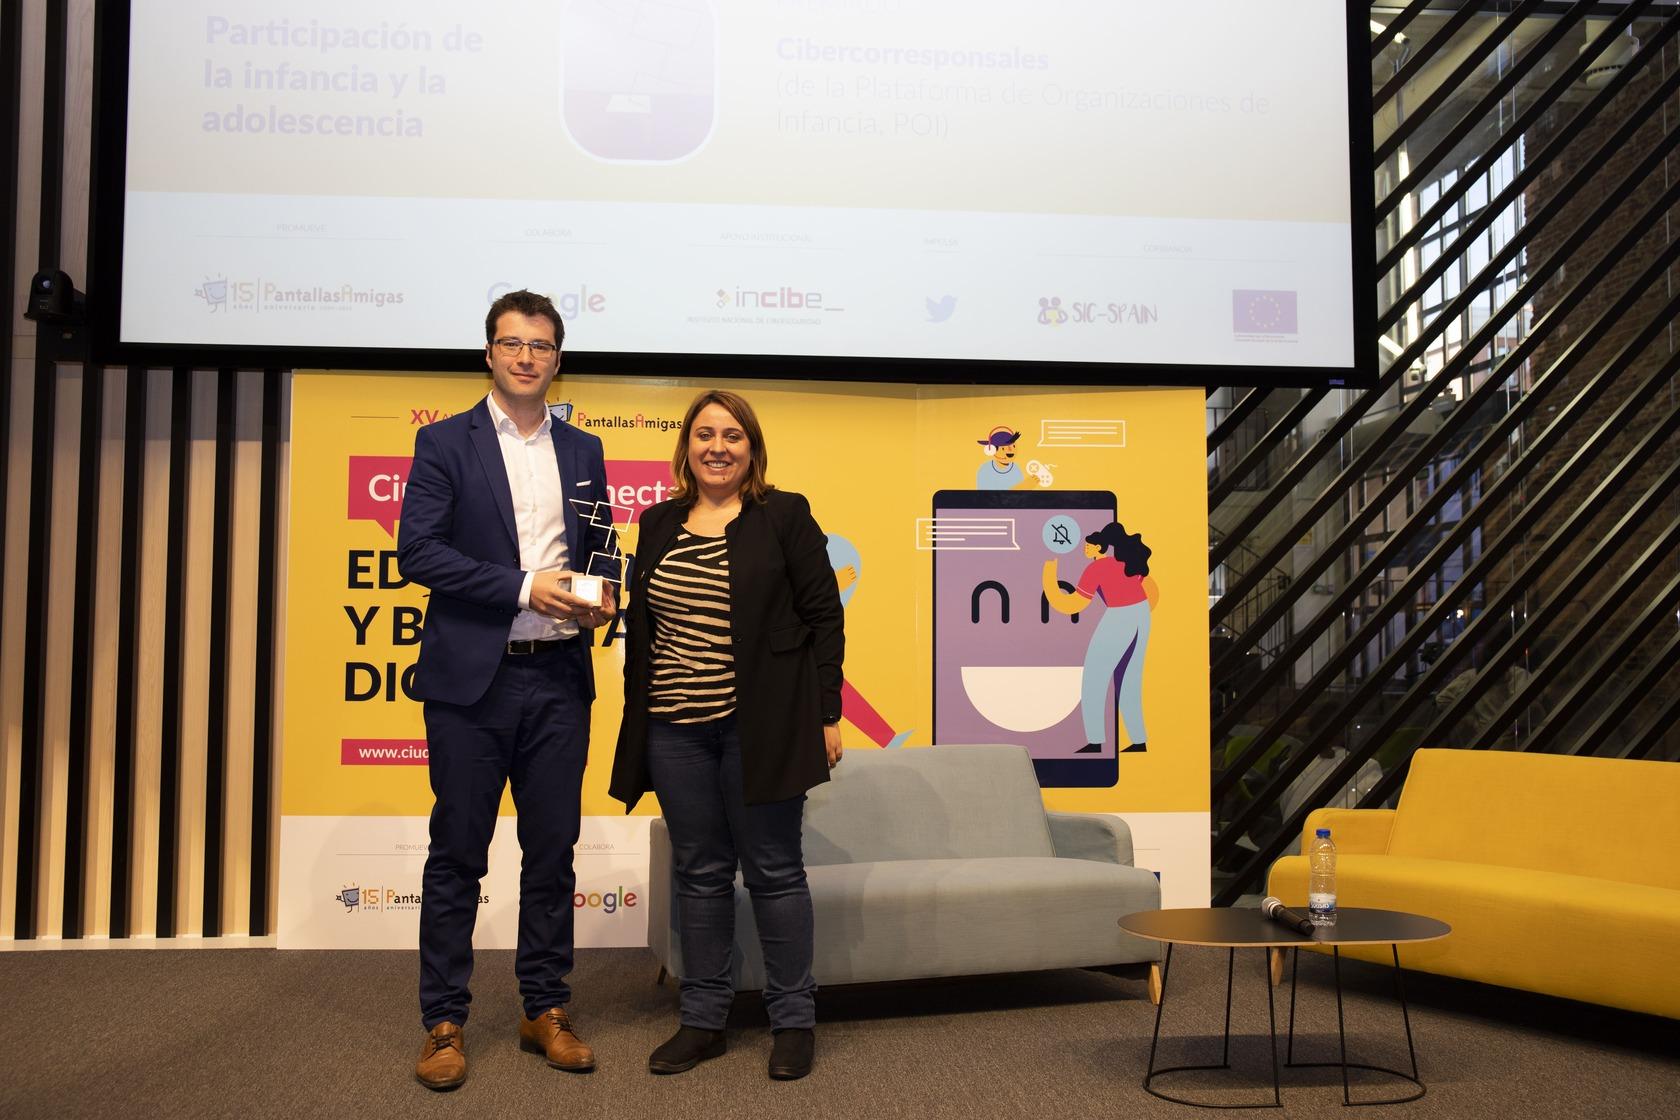 Premio-PantallasAmigas-Participacion-de-la-infancia-y-la-adolescencia-Cibercorresponsales-Ricardo-Ibarra